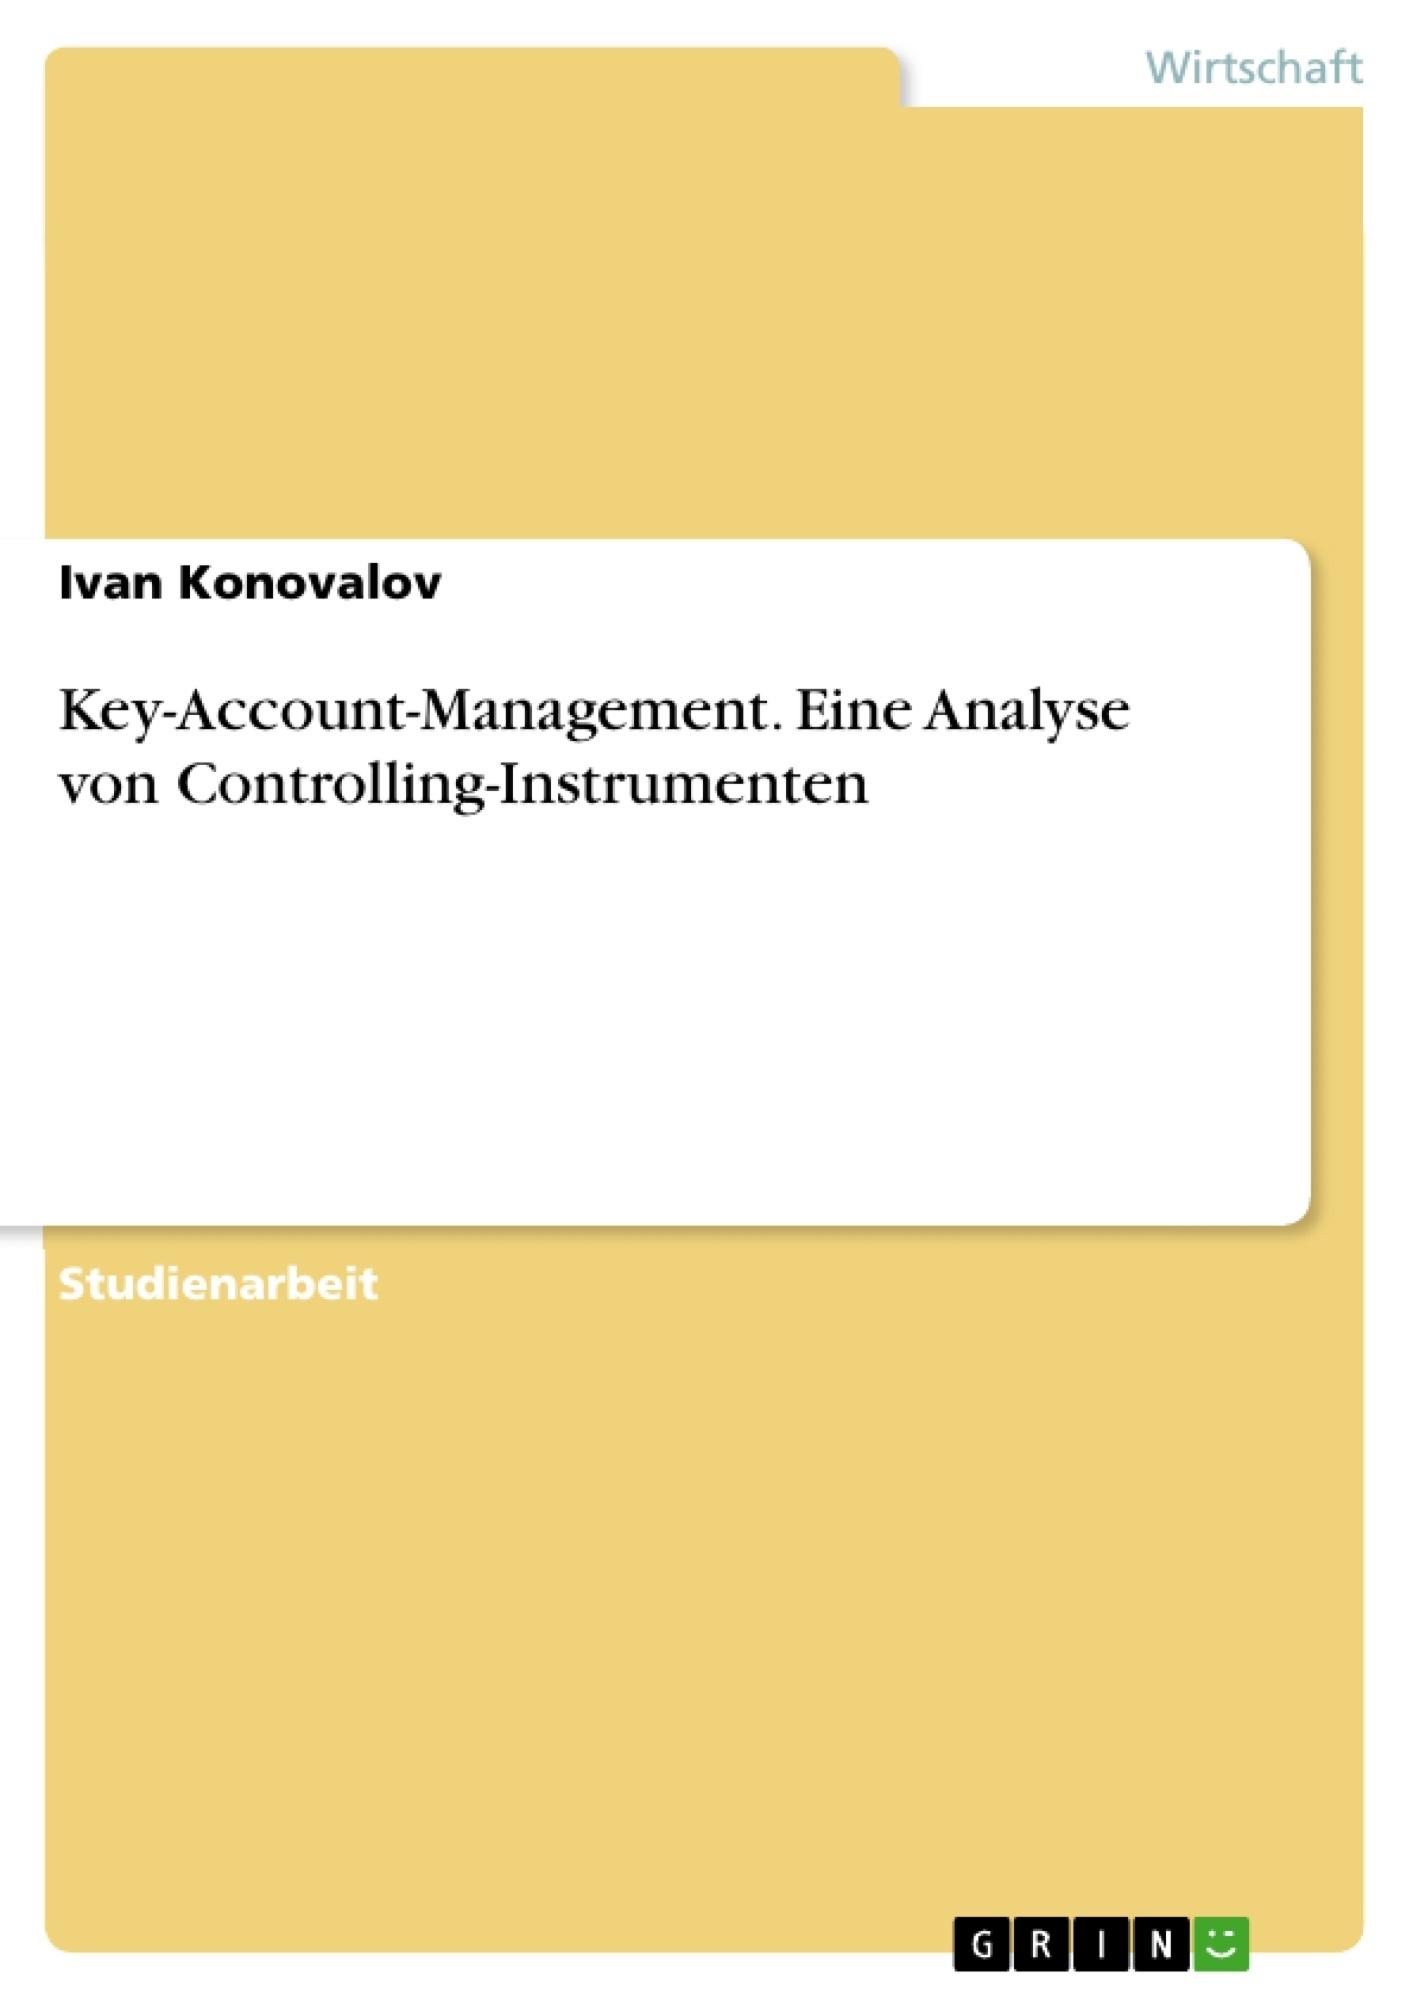 Titel: Key-Account-Management. Eine Analyse von Controlling-Instrumenten